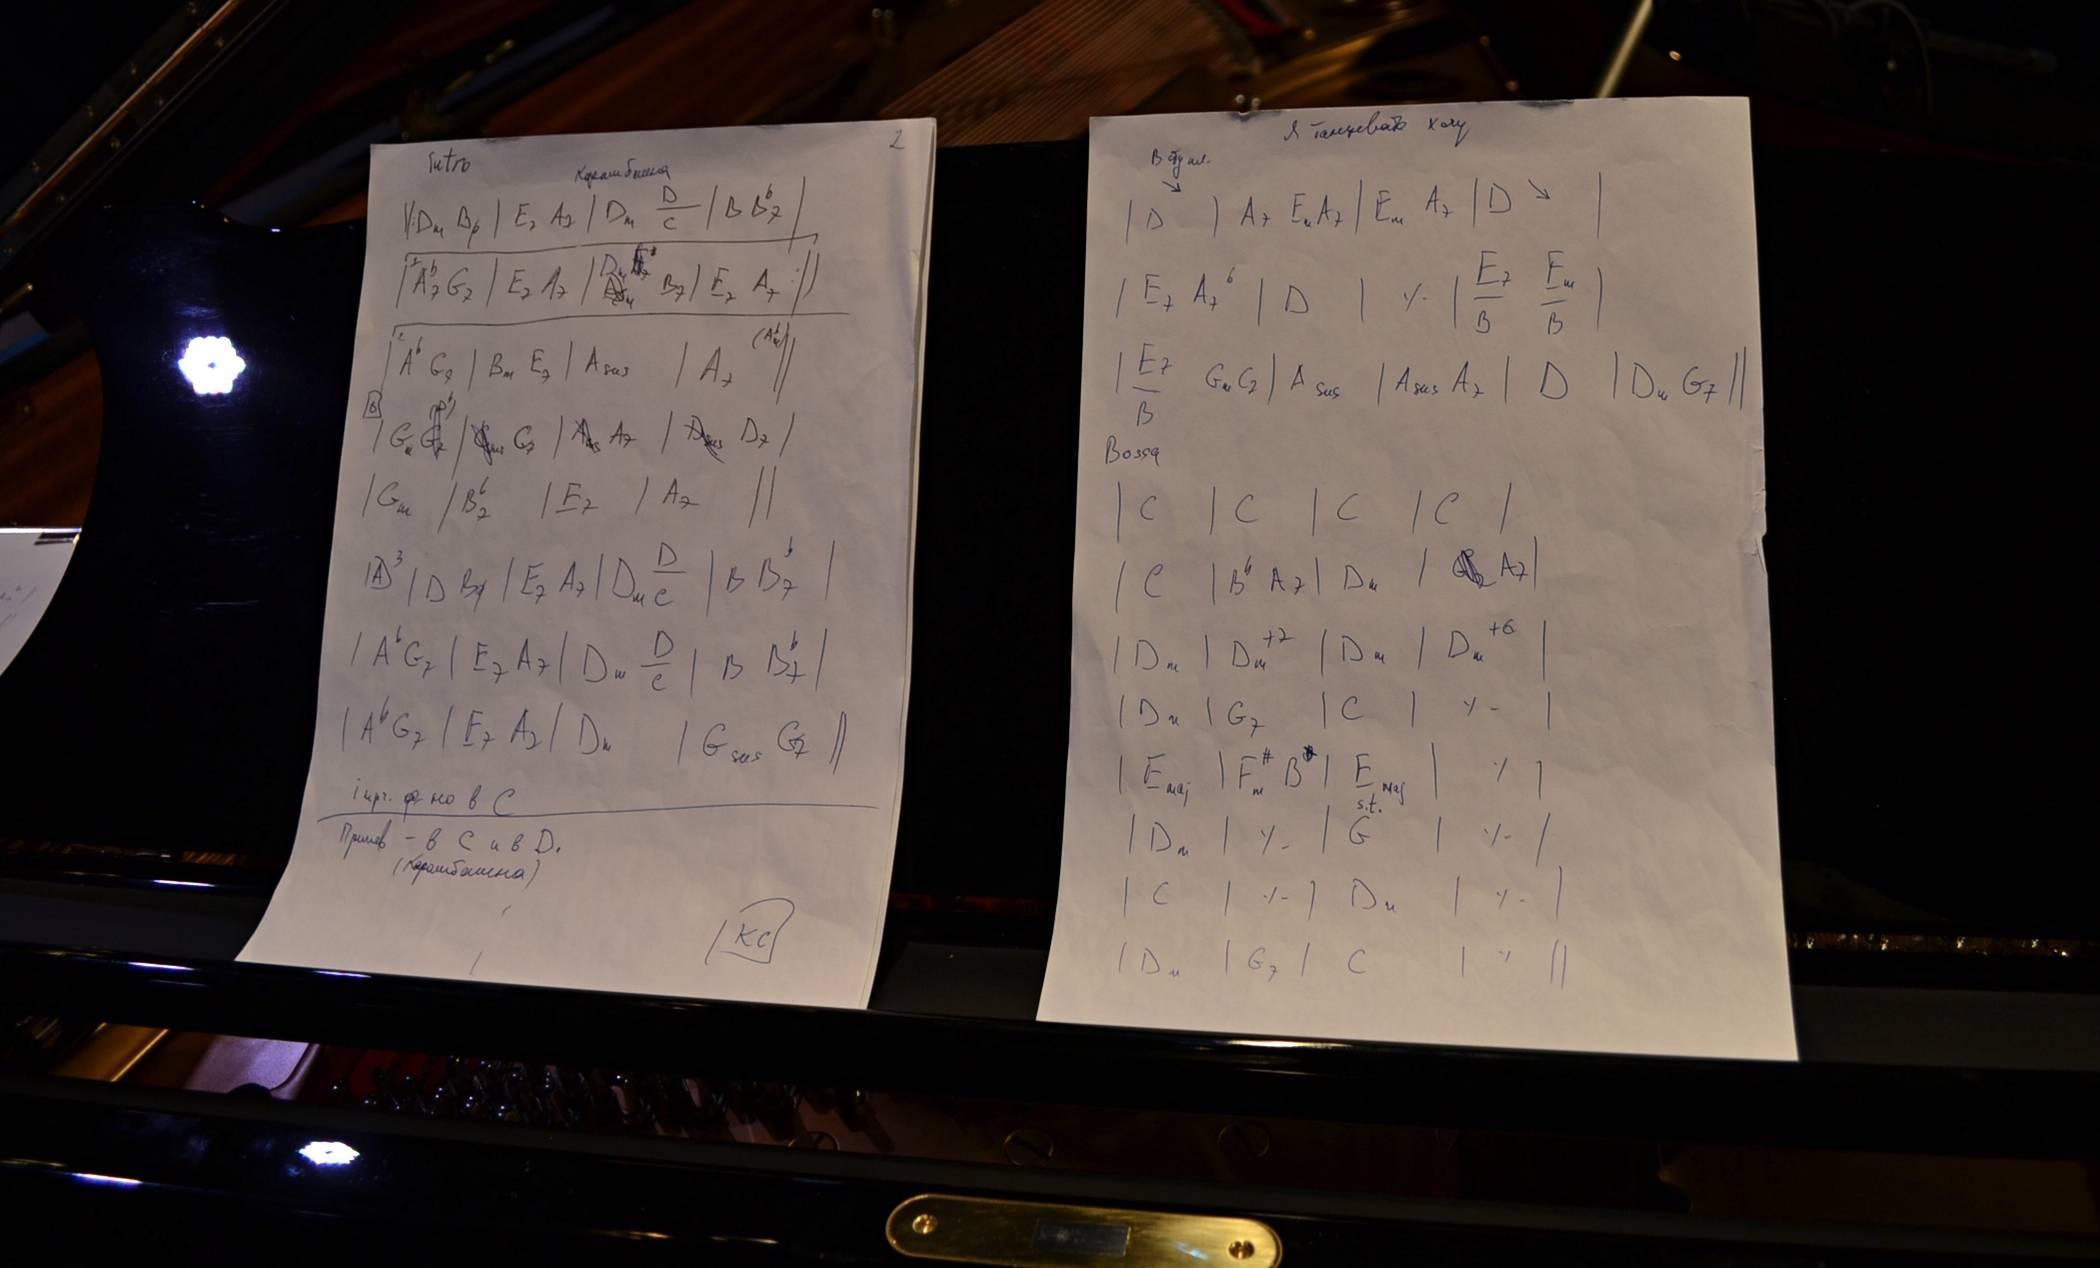 Ноты для Даниила Крамера на самом деле записаны в буквах. Фото: Александр Поскребышев